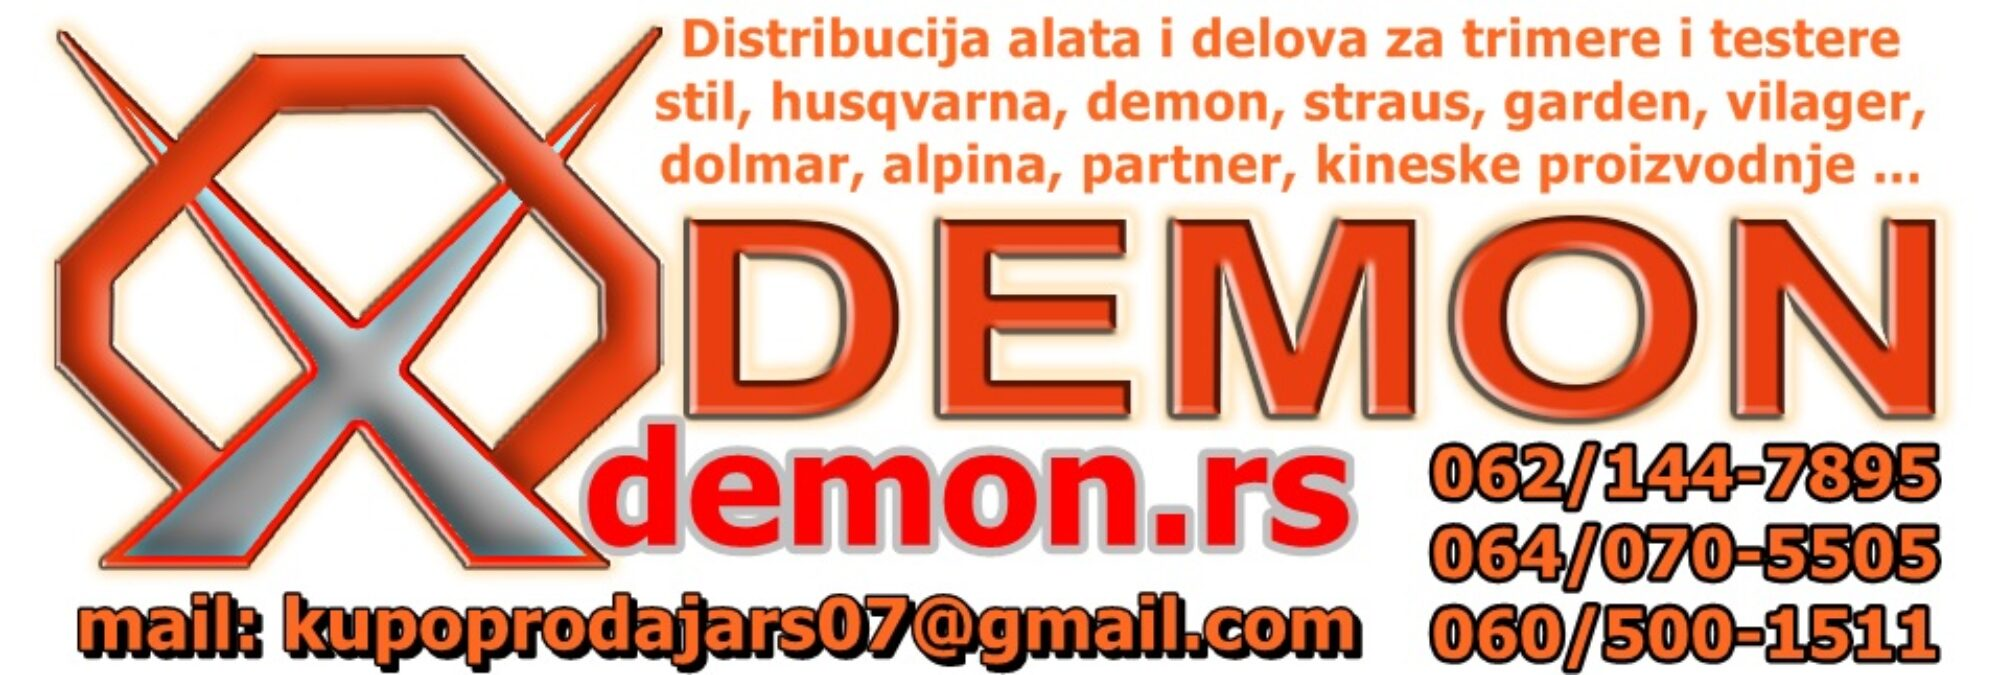 ALATI DELOVI: DMD / LJUBA – SUBOTICA – PRIJEPOLJE – internet prodaja